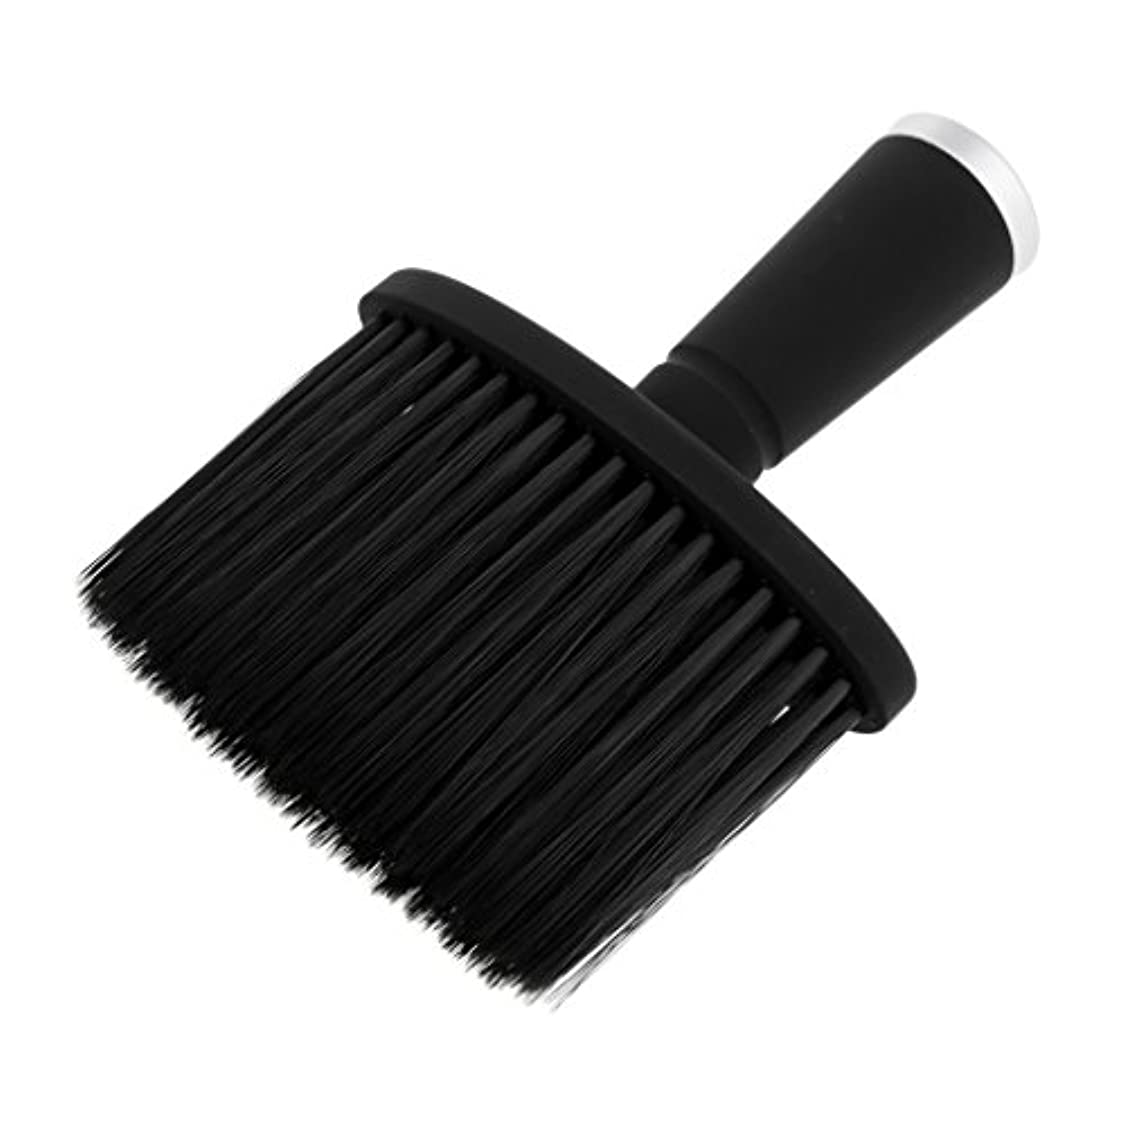 バッテリーメロドラマティック以下大広間のスタイリストの理髪師の毛の切断の構造用具のための柔らかい首の塵払いのブラシ - 銀